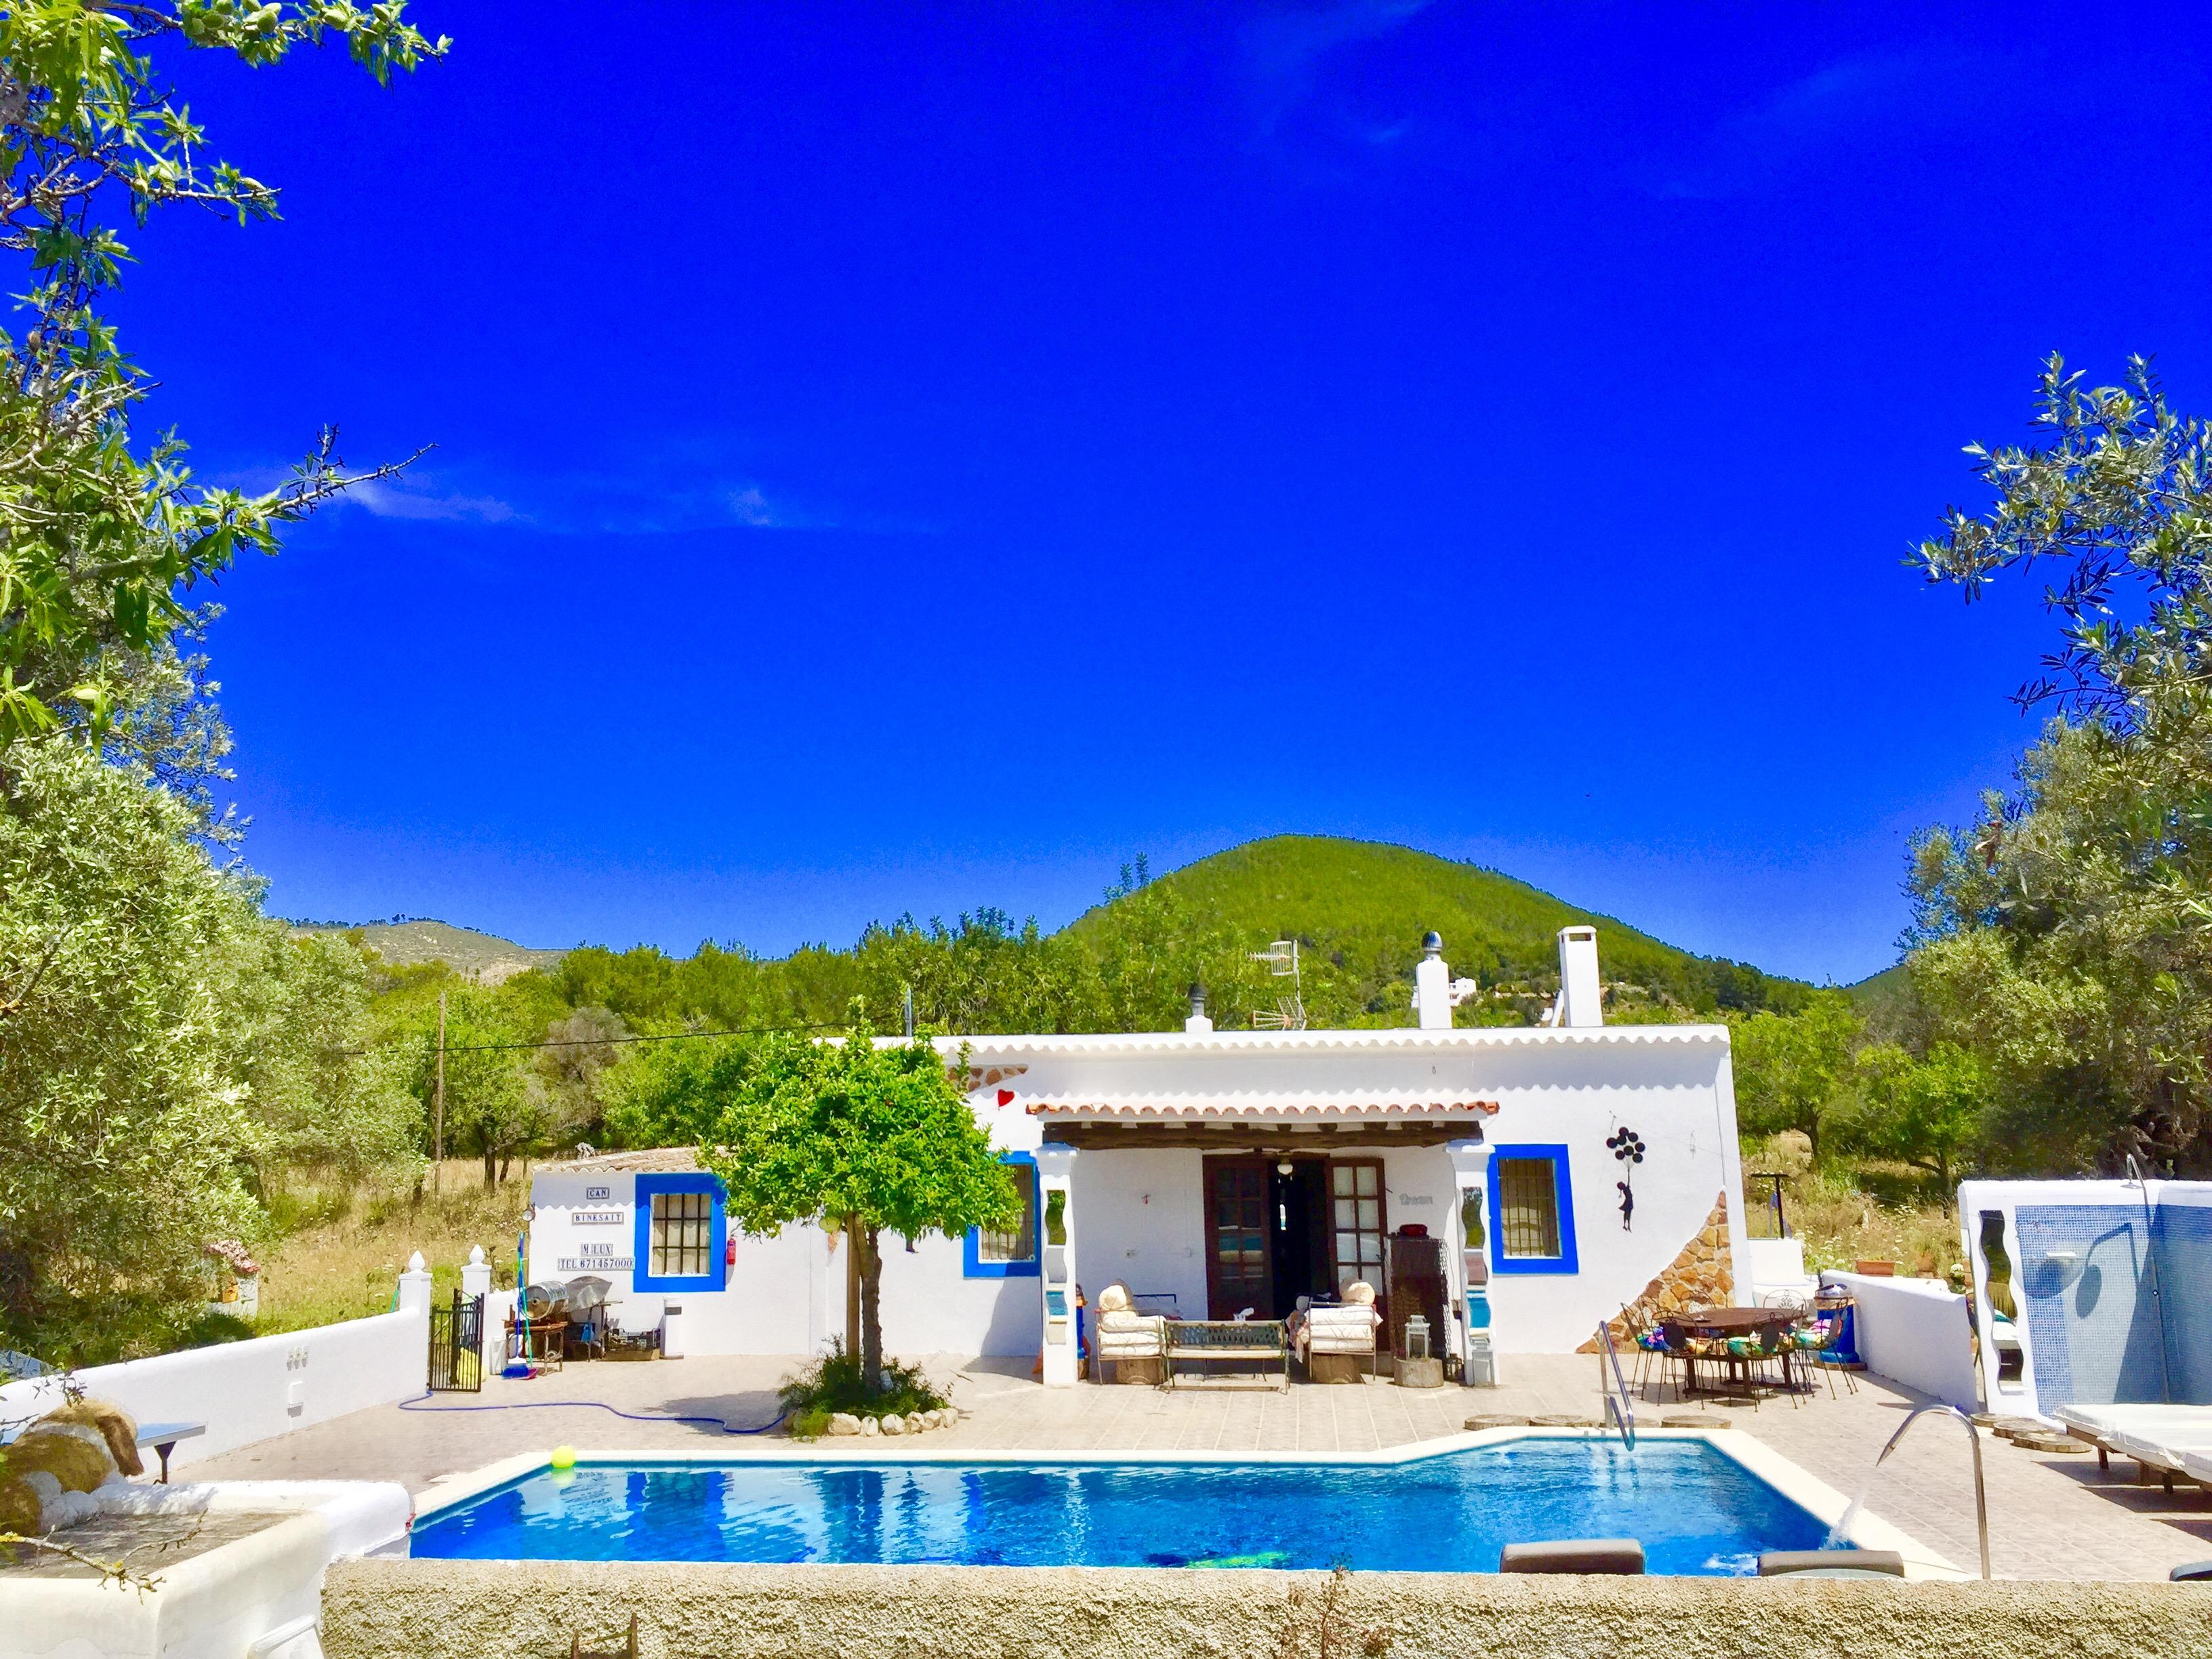 Ein wunderschnes Landhaus Landhaus privet ruhig in der Landschaft santa eularia